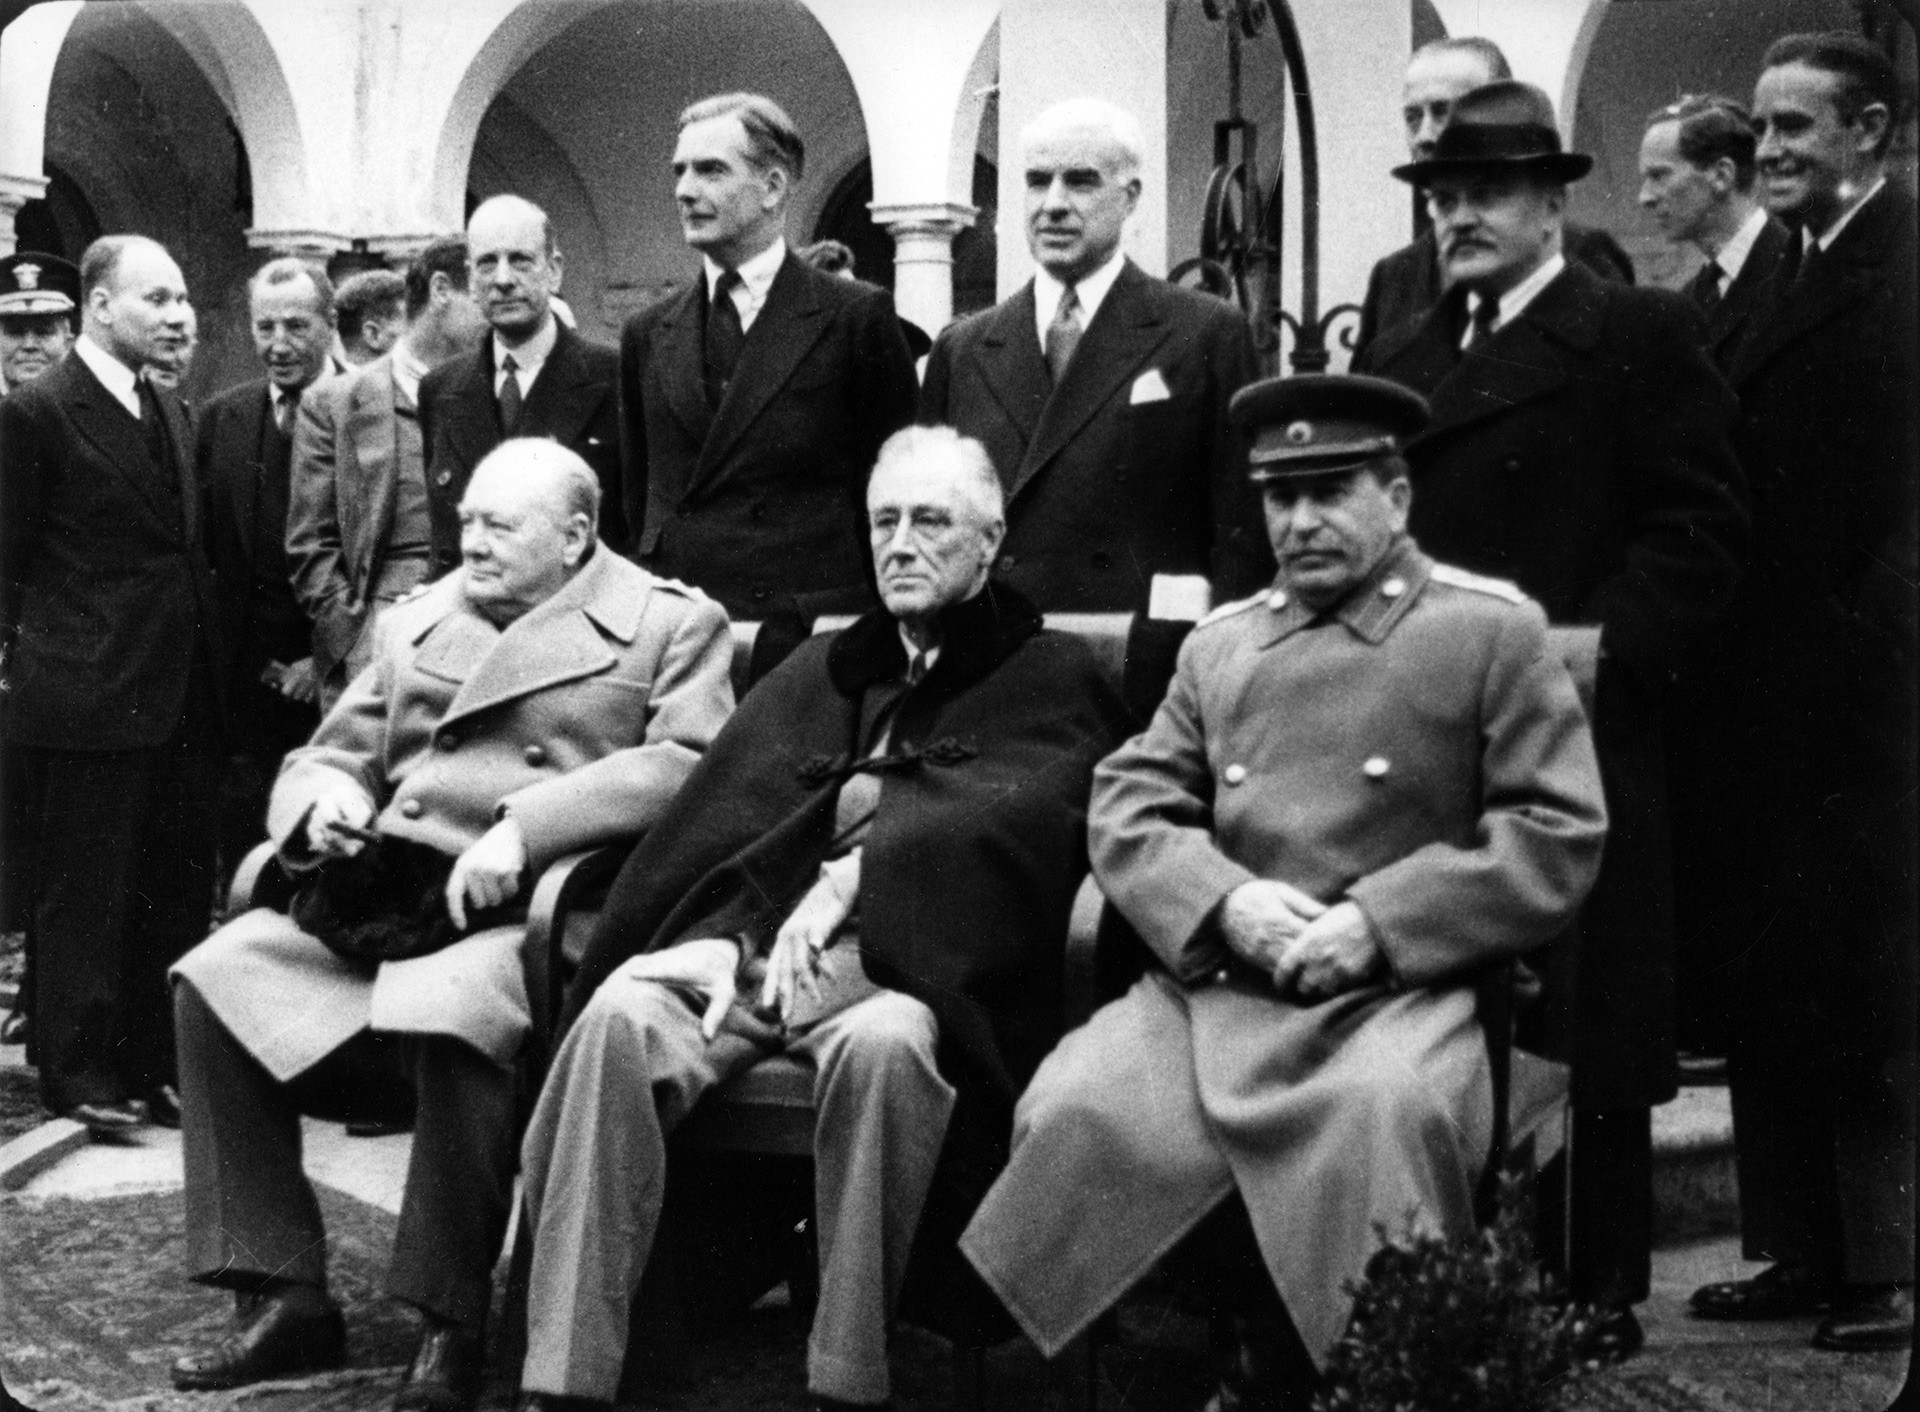 La conferencia de Yalta, 1945. De la derecha a la izquierda: Iósif Stalin, Franklin D. Roosevelt y Winston Churchill.